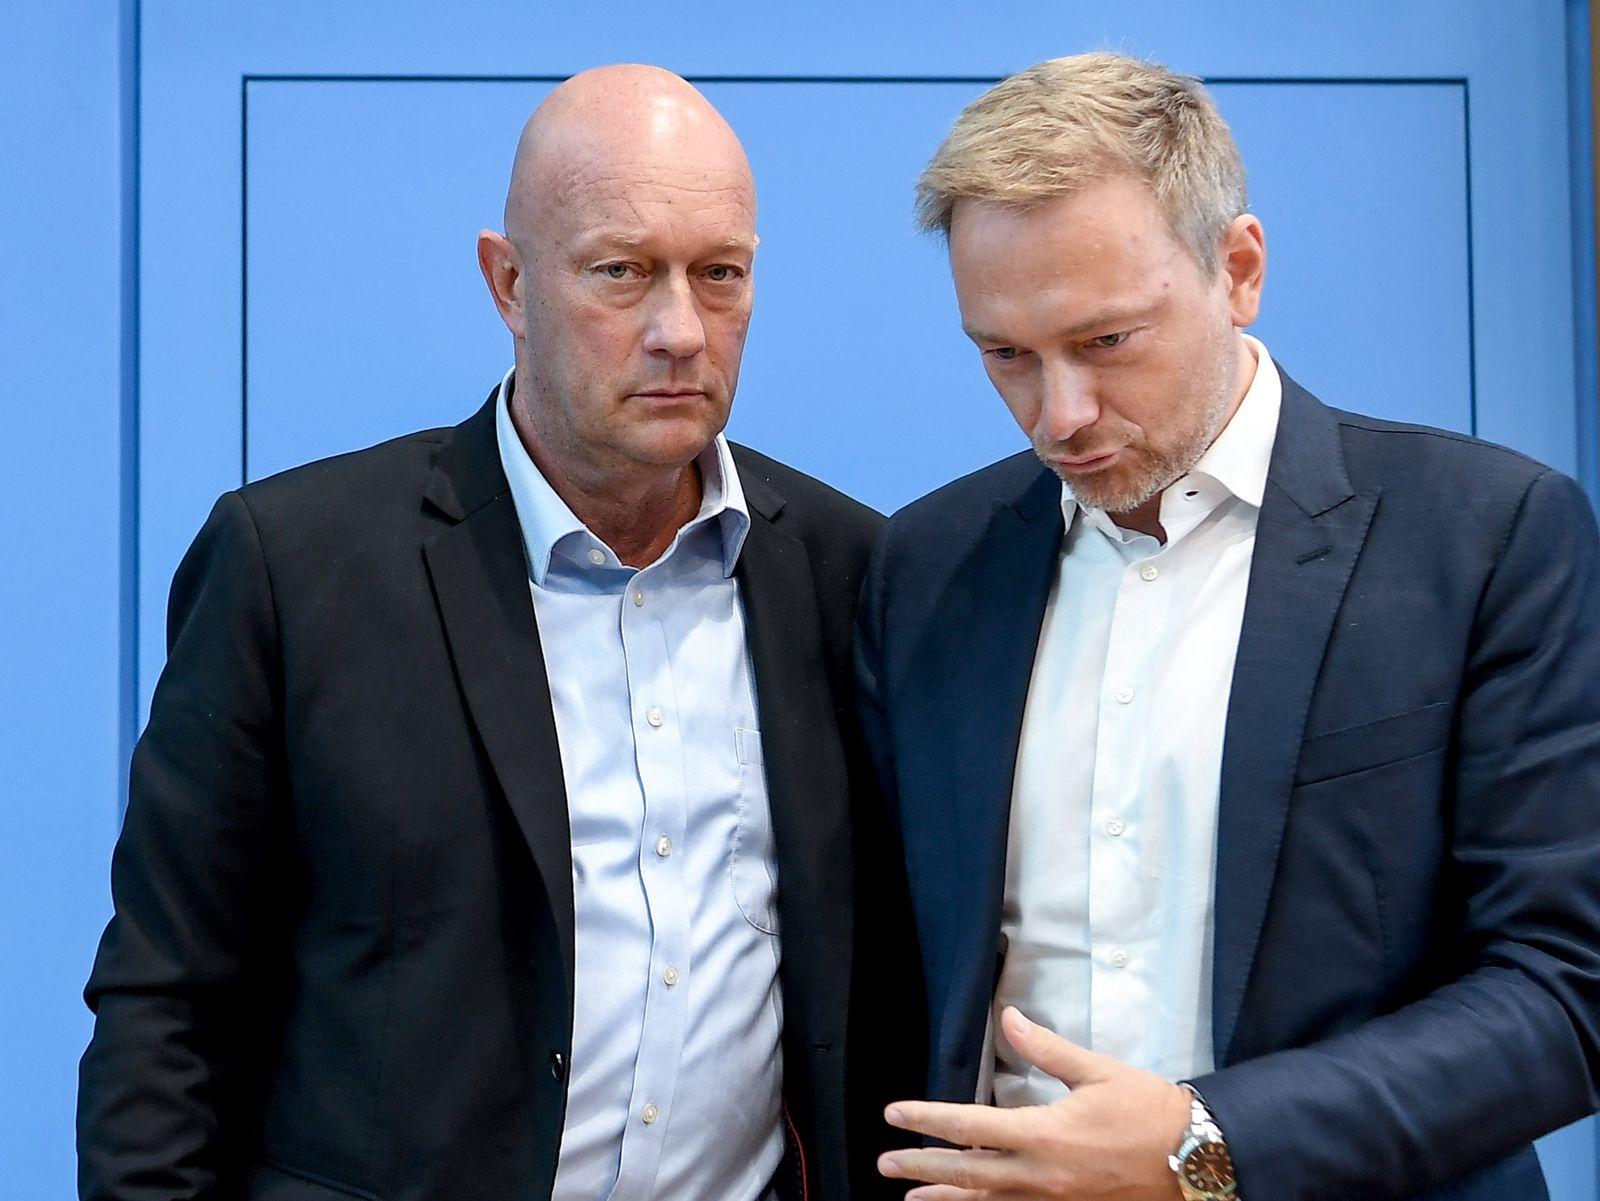 Endgültiges Ergebnis für die Landtagswahl in Thüringen